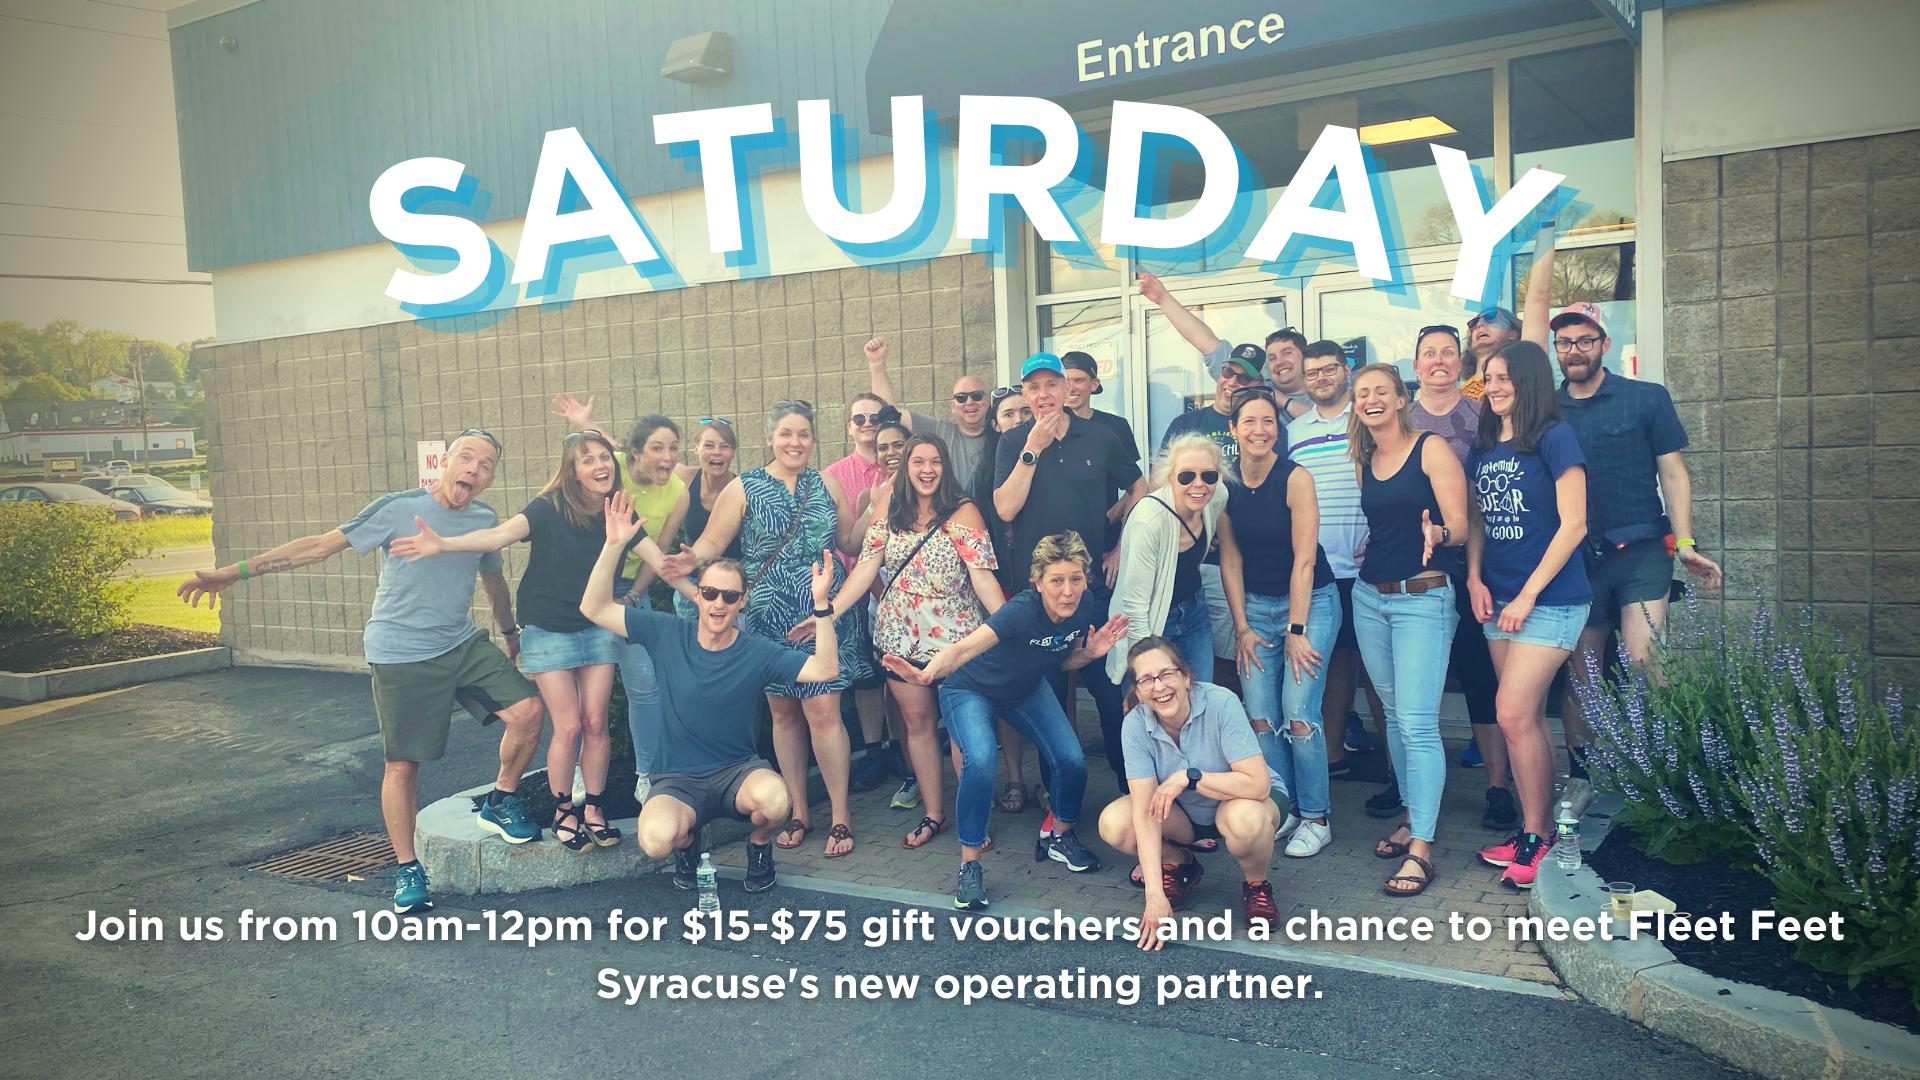 Fleet Feet Syracuse Staff meet and greet